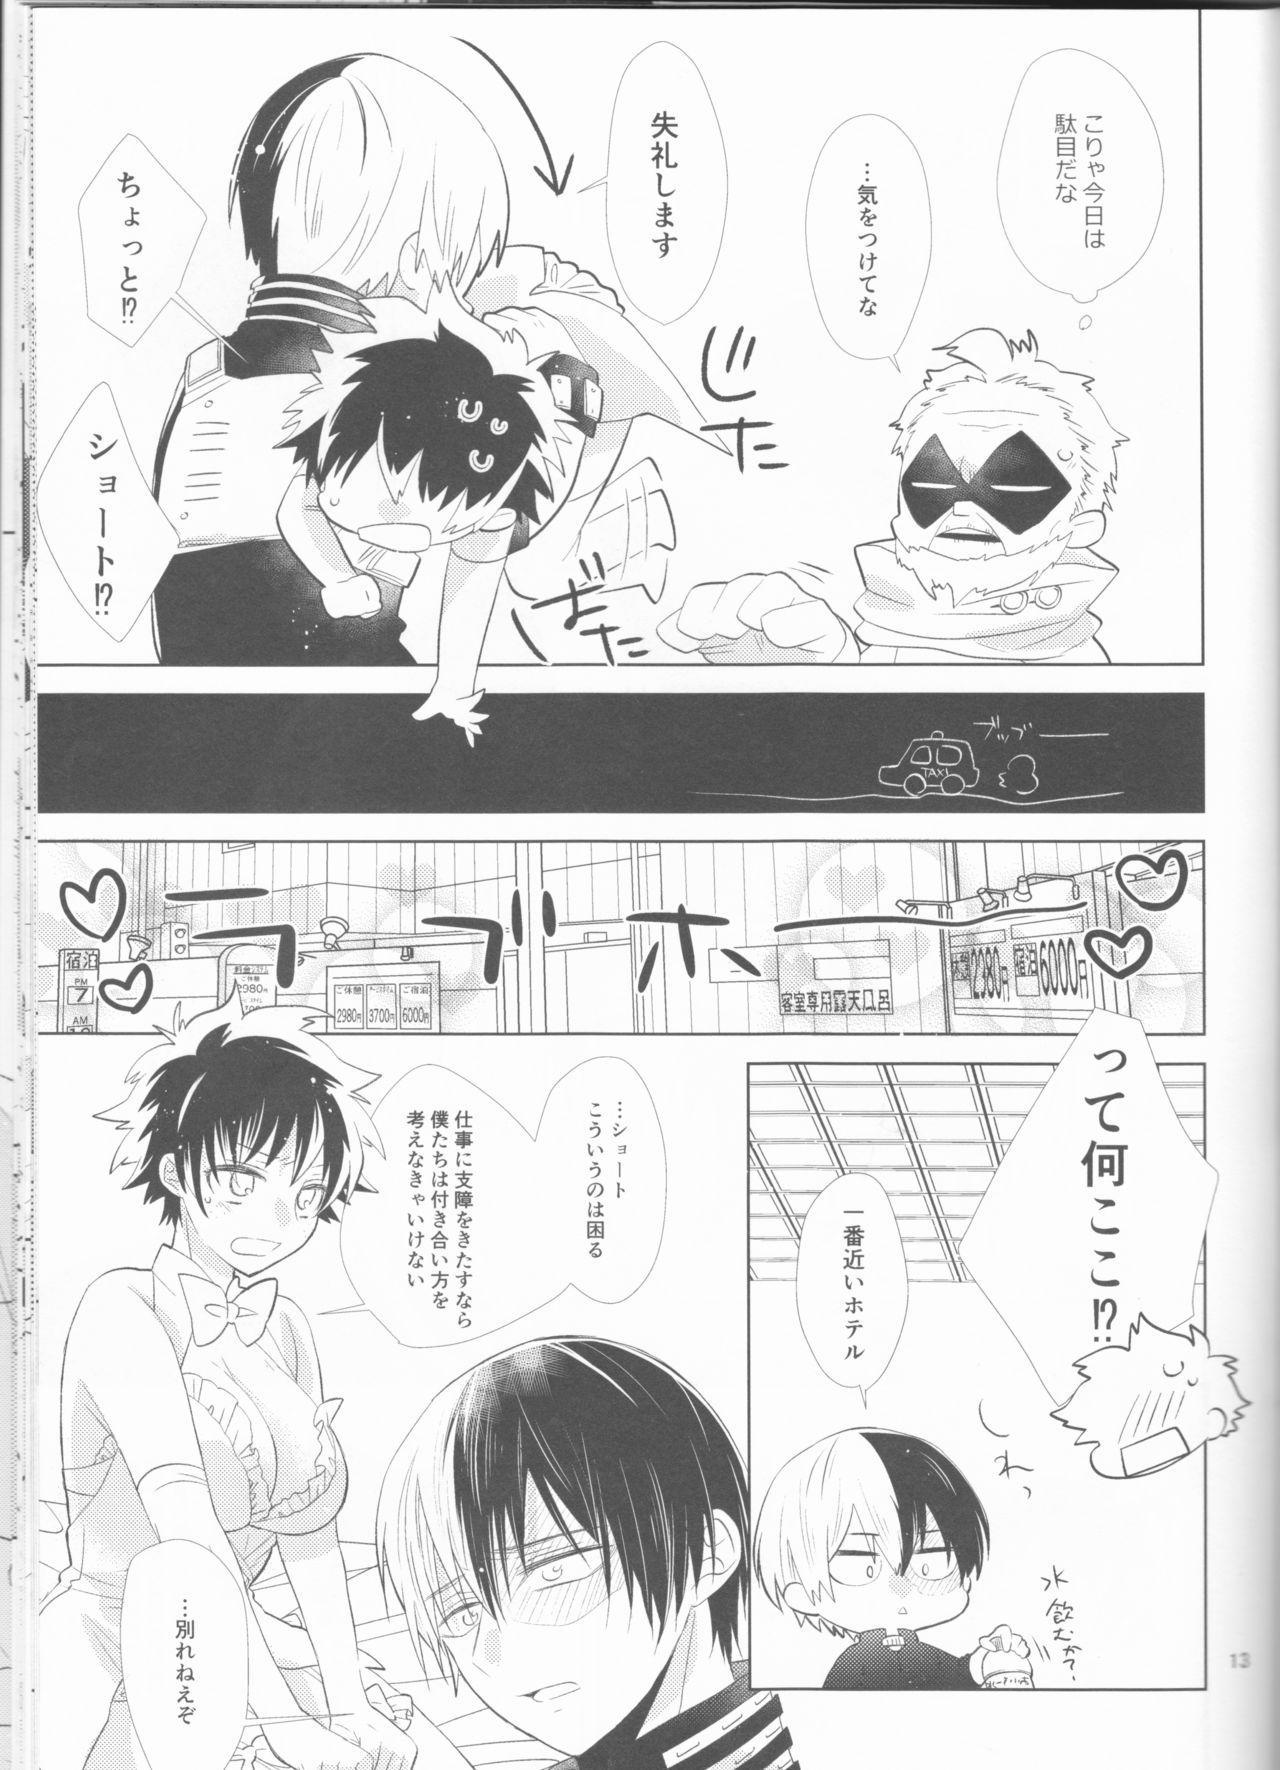 Sangatsu Usagi no Himegoto 13